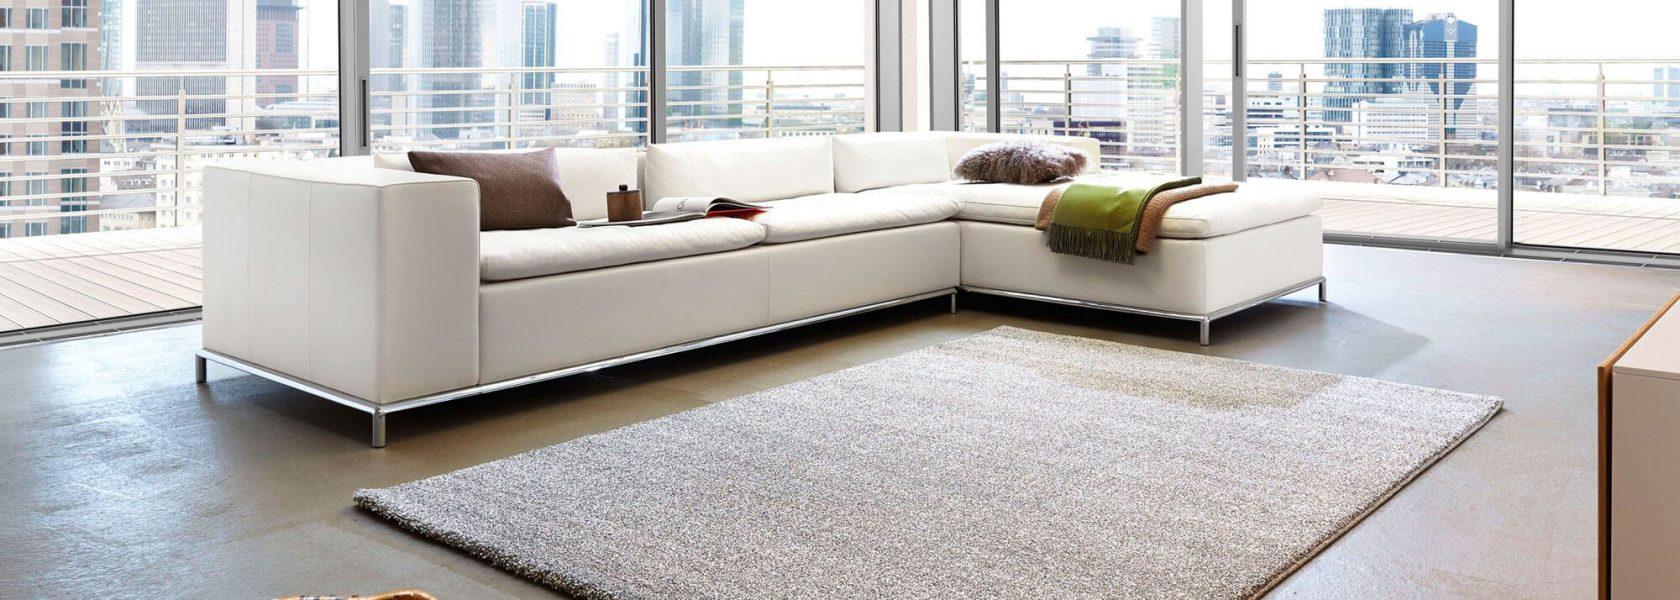 Gemutlichkeit Zu Hause Weicher Teppich